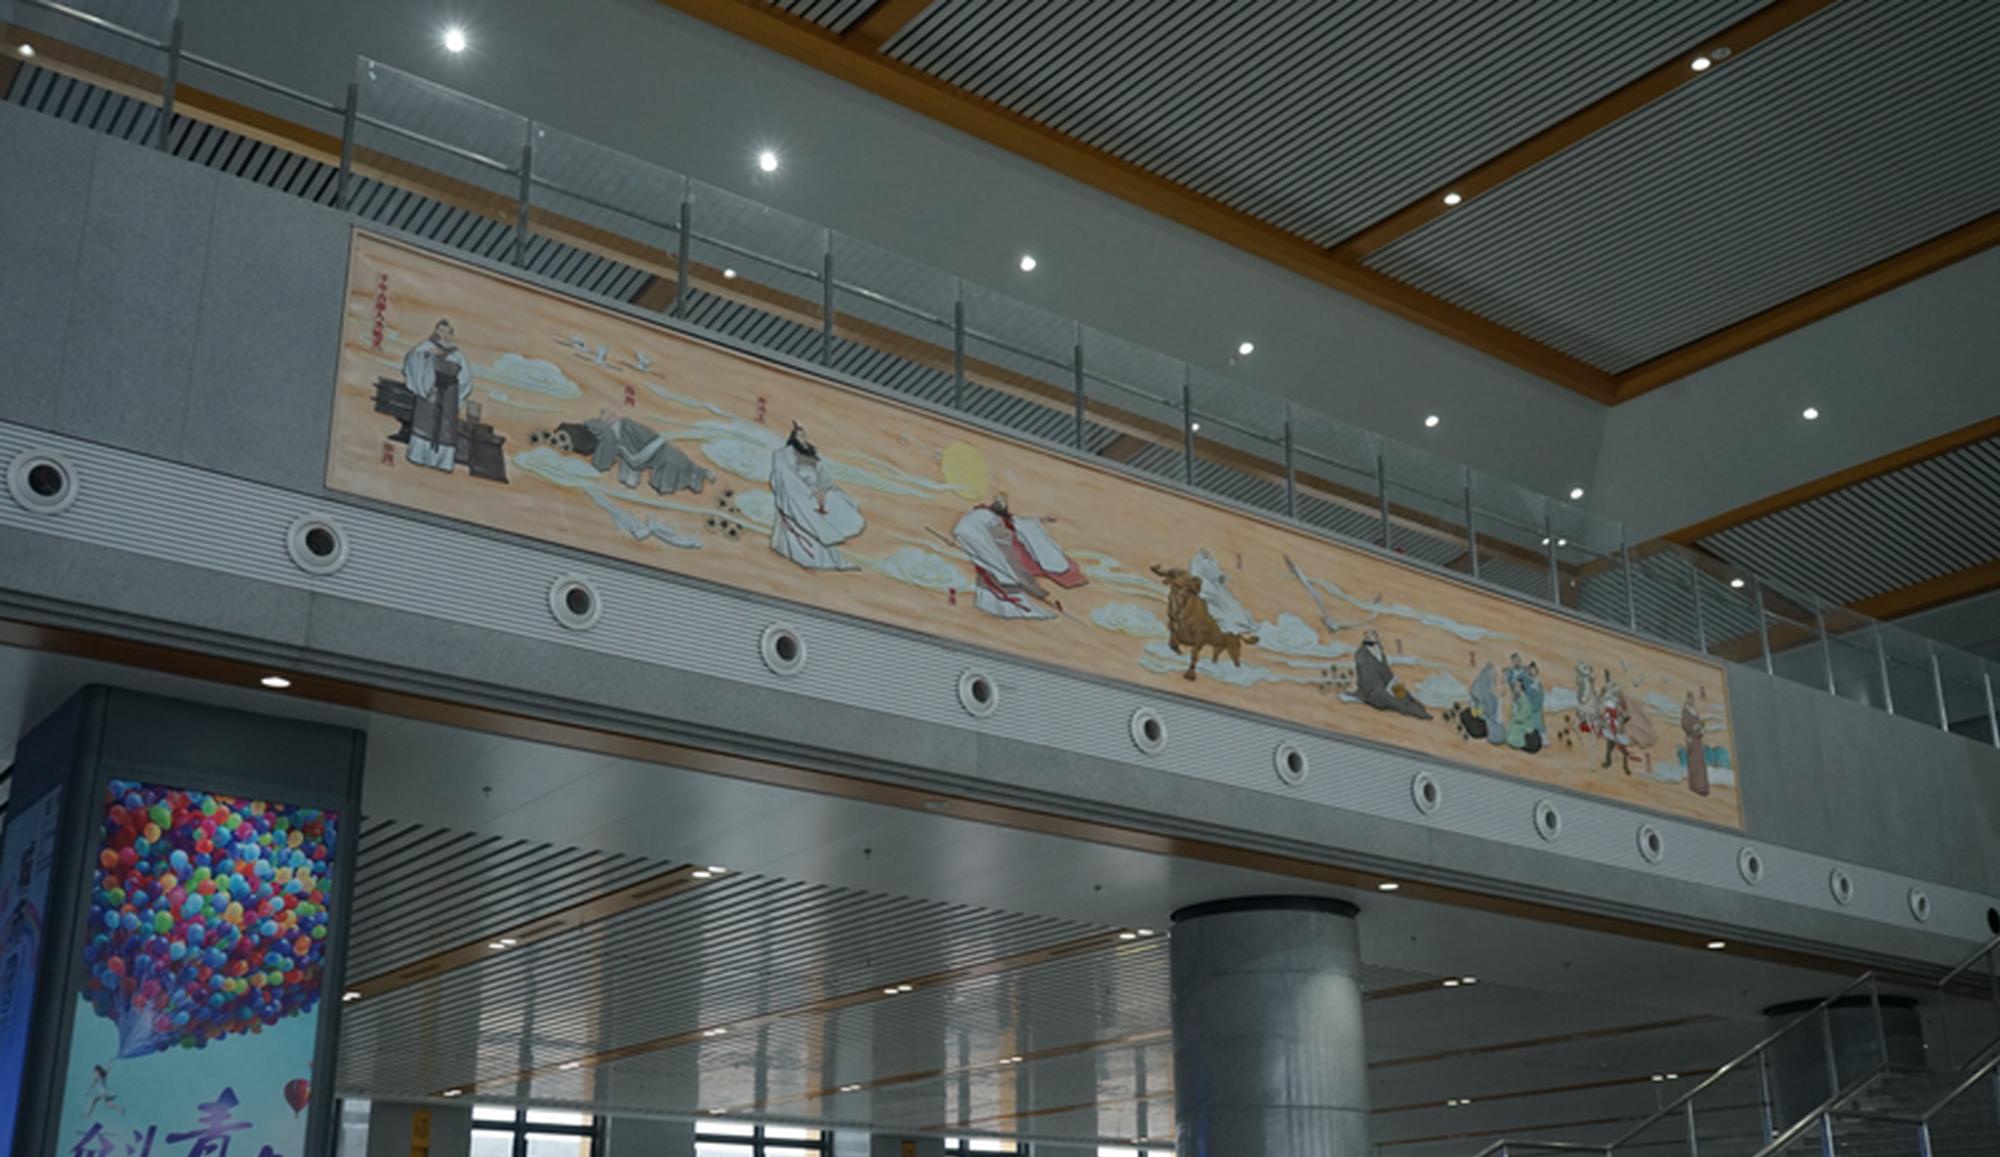 亳州有几个火车站_亳州火车站大全【114票务网】